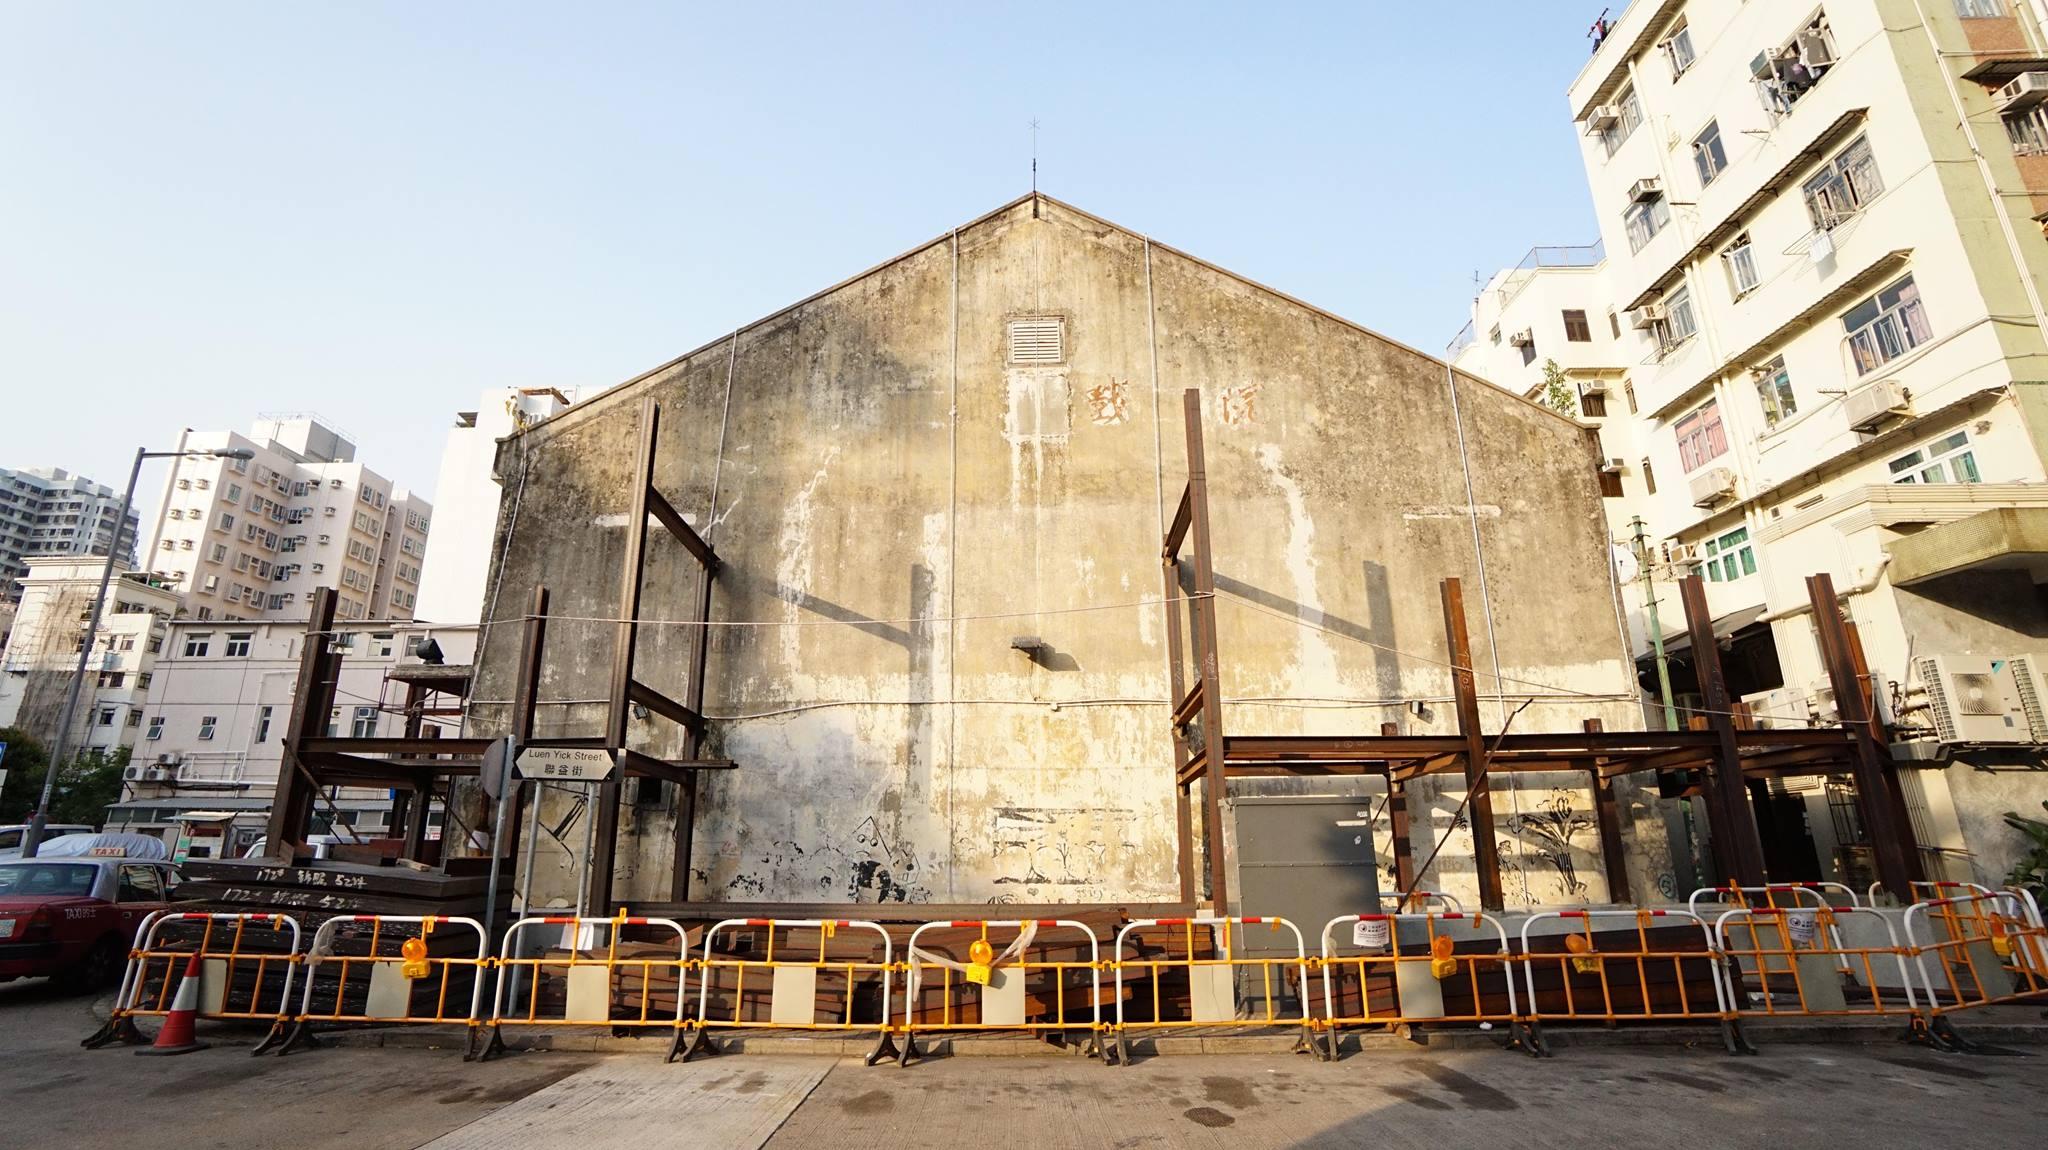 粉嶺戲院於2018年中準備清拆重建為商廈。(圖片來源:王艾倫冒險日記Facebook)